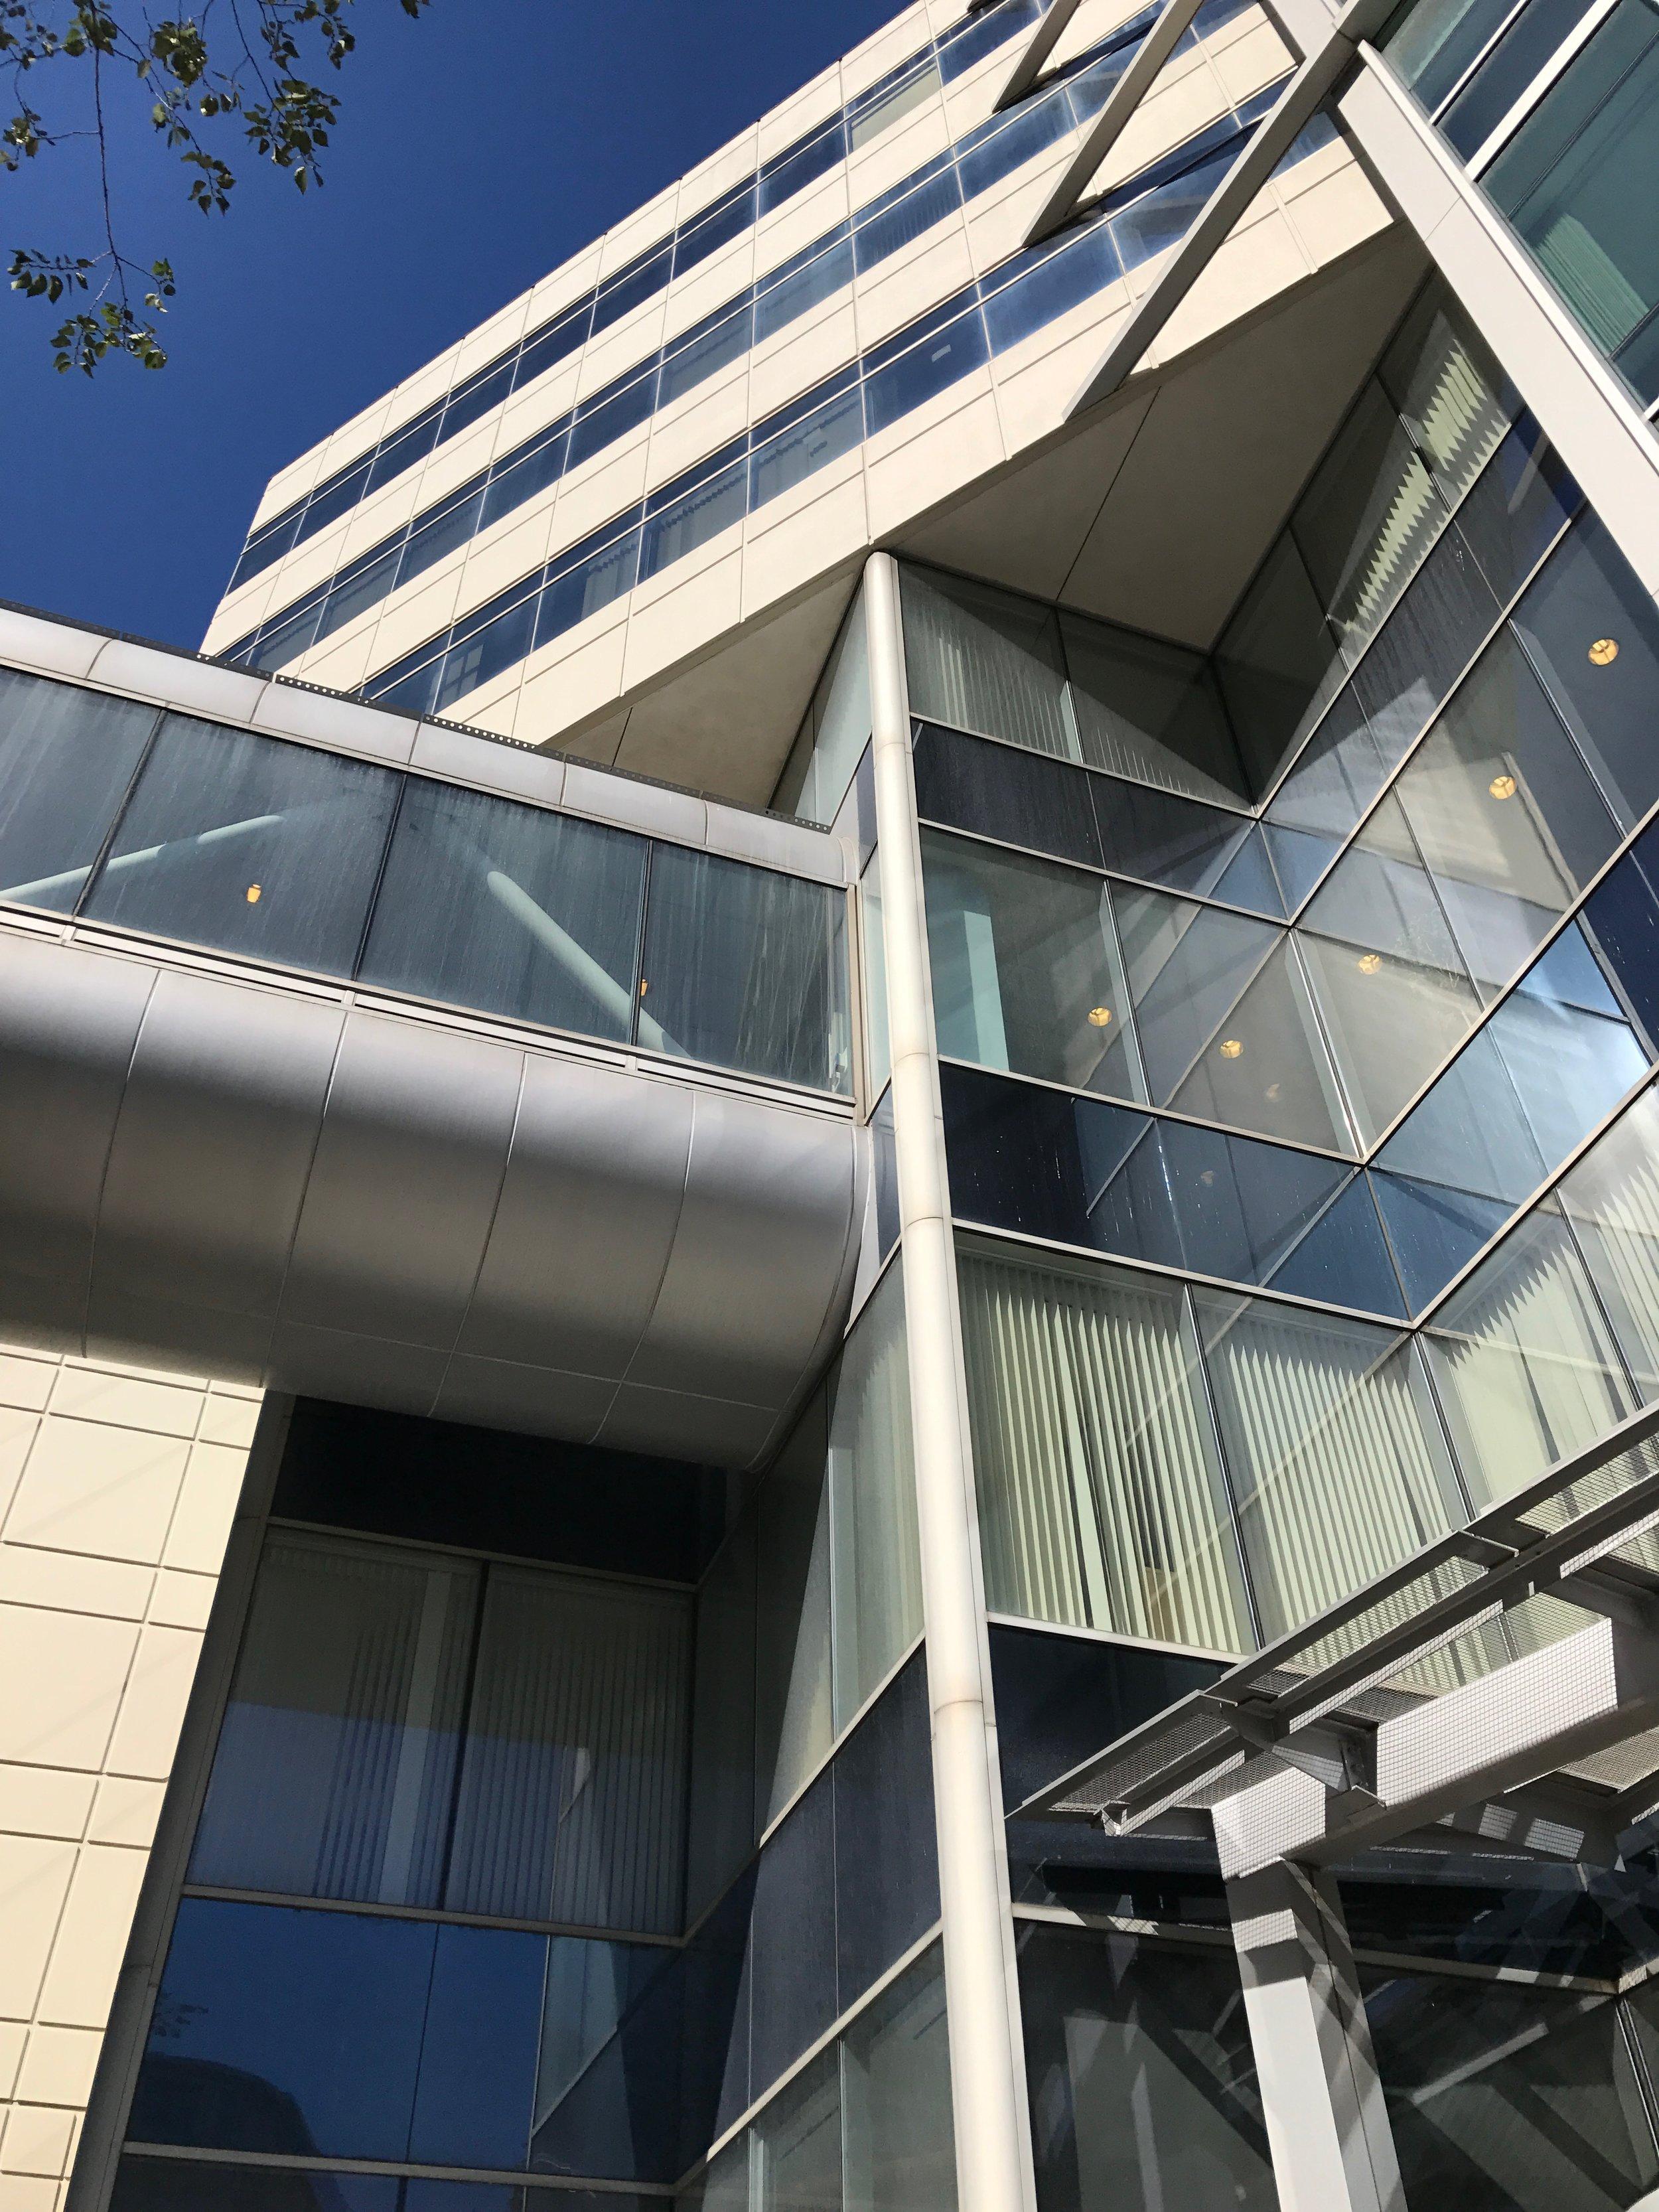 Architecture03-original.JPG